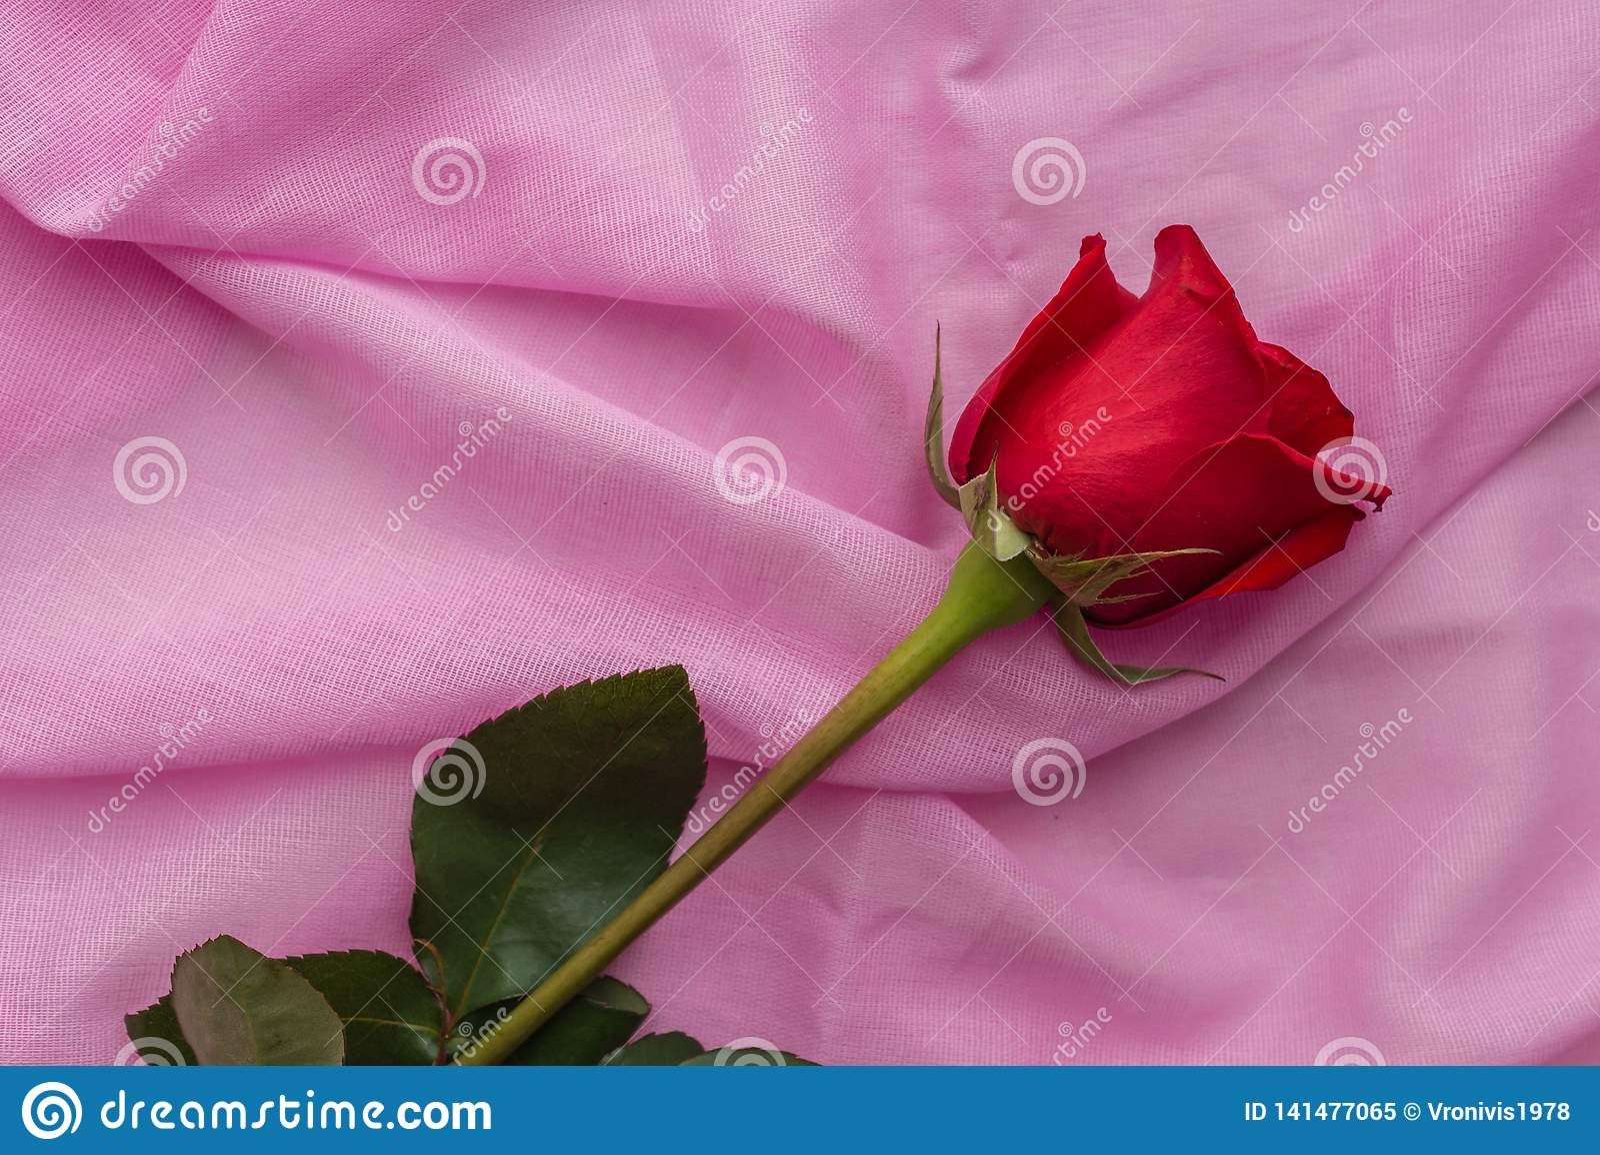 Den röda rosebuden ligger på en pastellfärgad rosa bakgrund av bomullstyg Valentindag, moderdag, kvinnors dagbegrepp